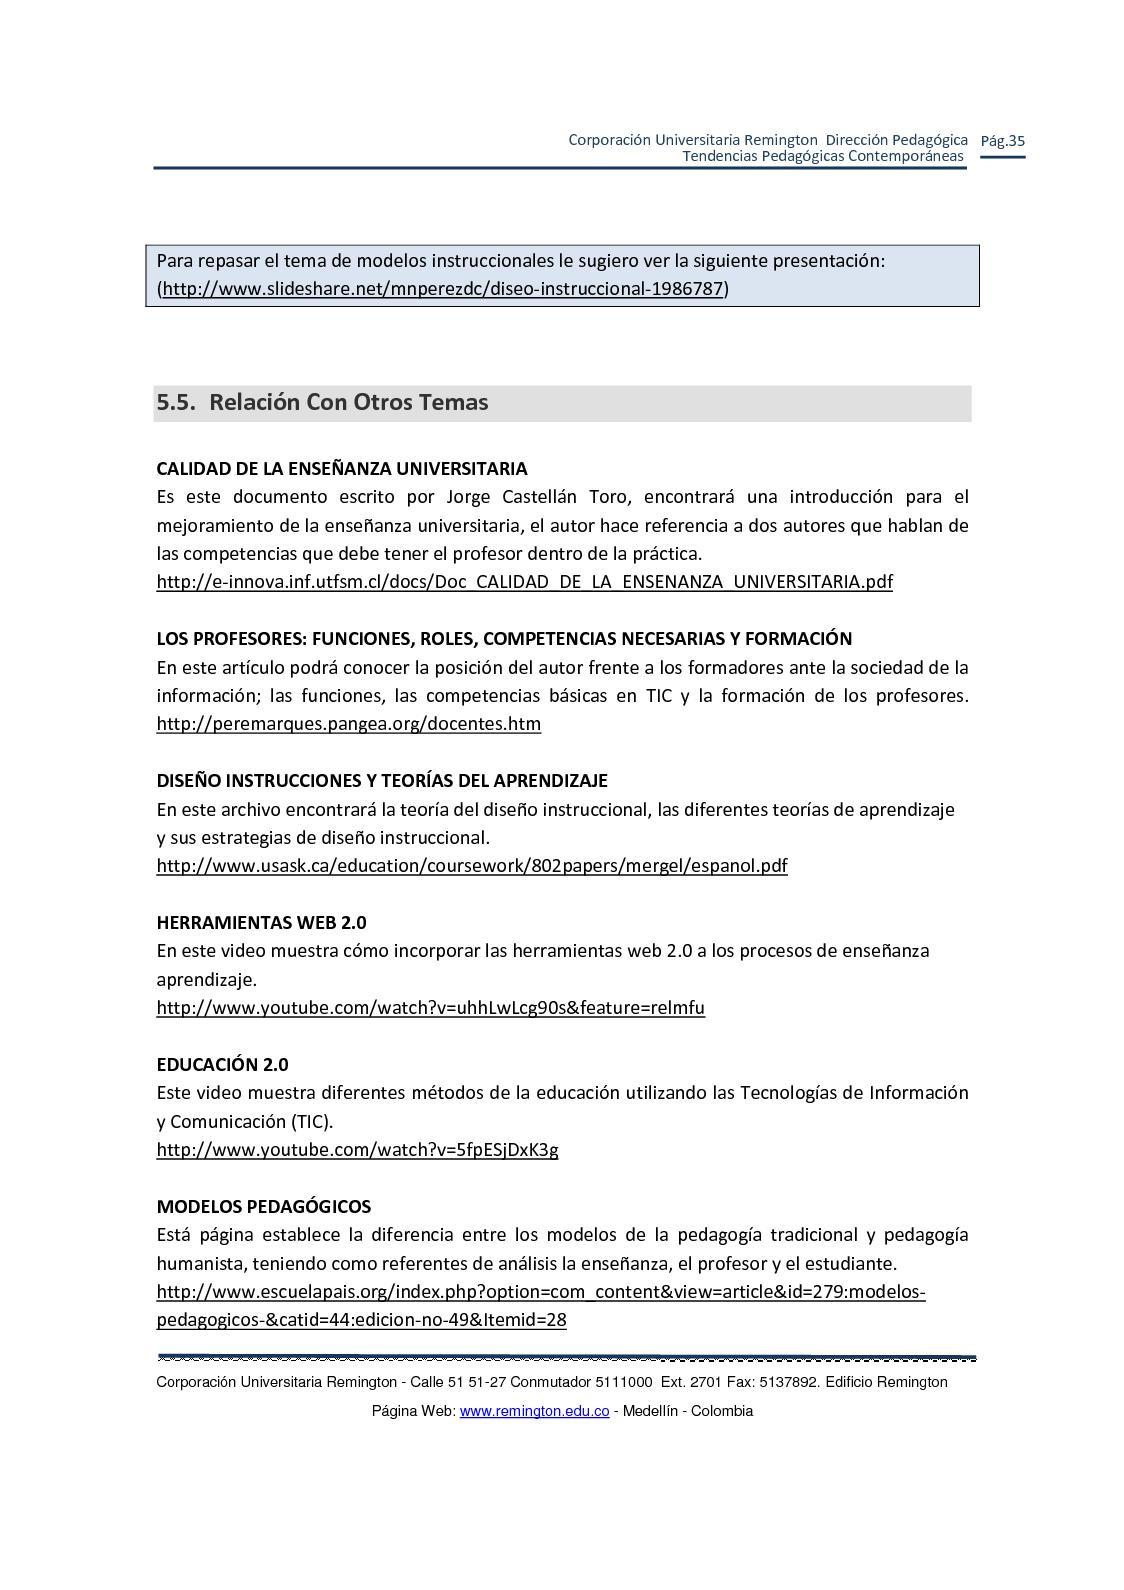 Dorable Visual Resume Muestras Doc Imágenes - Ejemplo De Colección ...